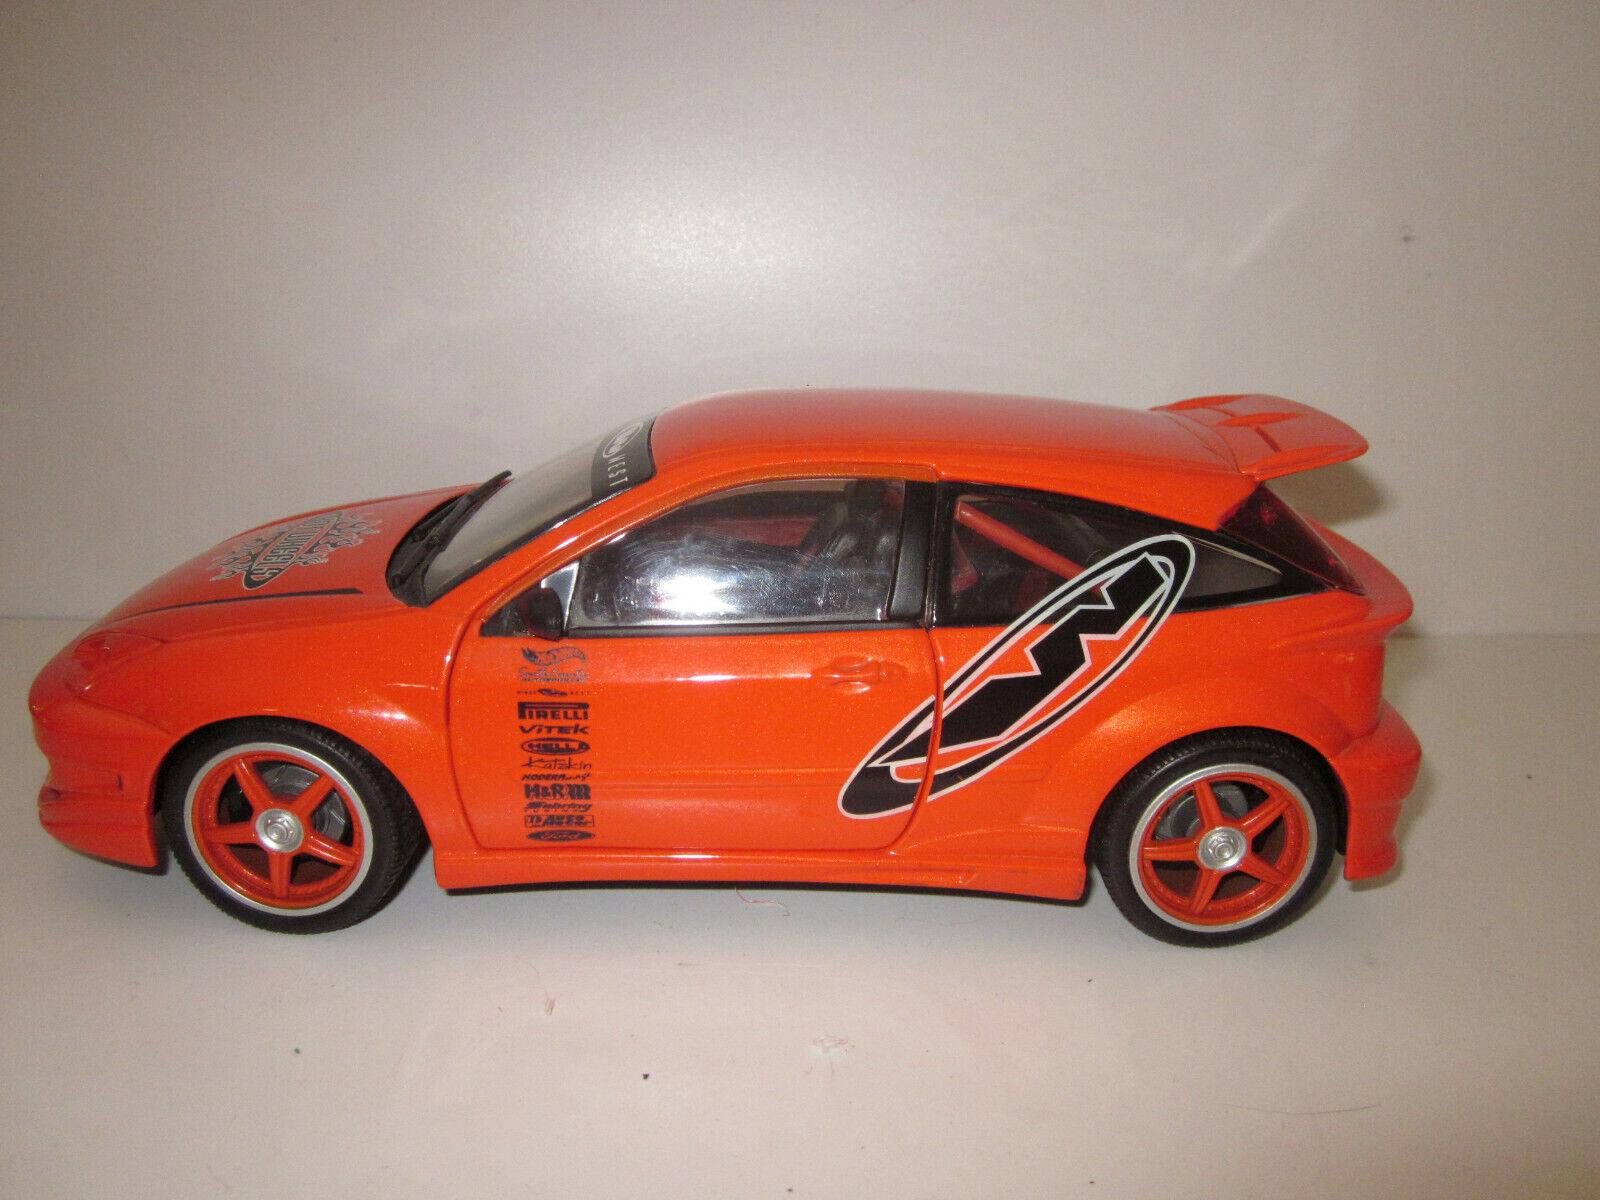 Felices compras RARE FORD FOCUS ZX3 naranja TUNING par HOTWHEELS REF REF REF 29229 au 1 18  descuento de ventas en línea